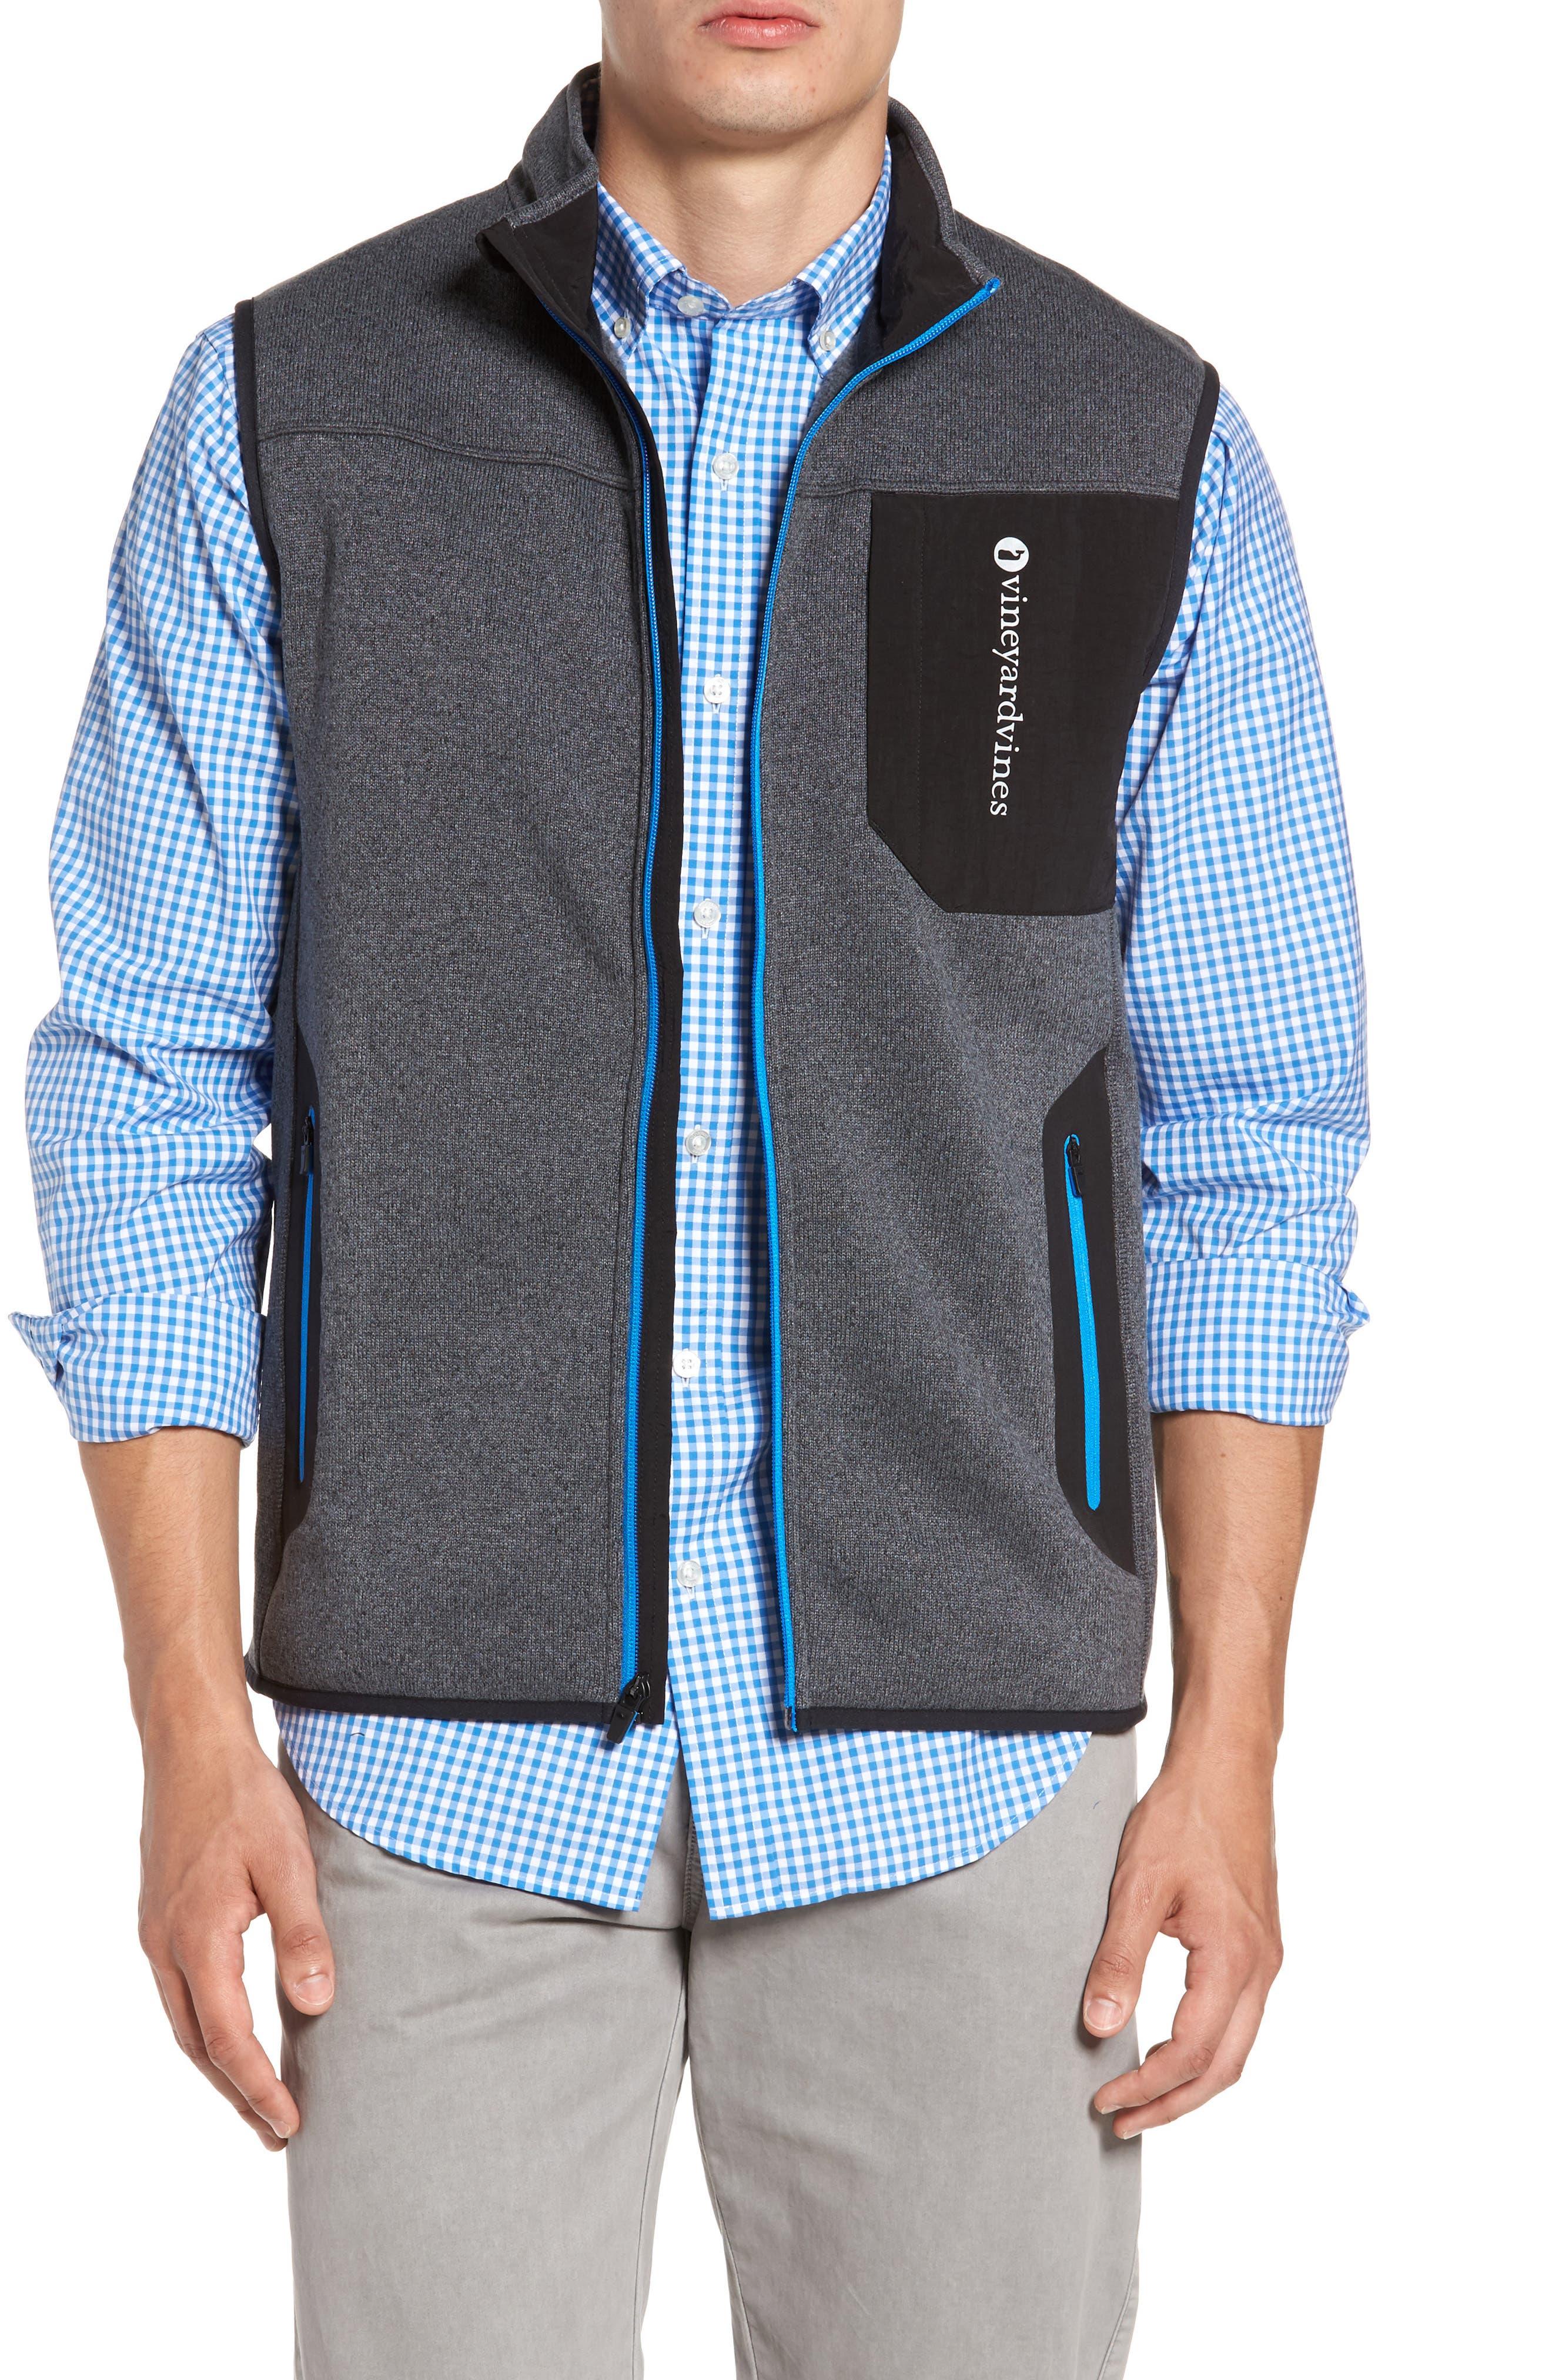 Tech Sweater Fleece Vest,                         Main,                         color, 020